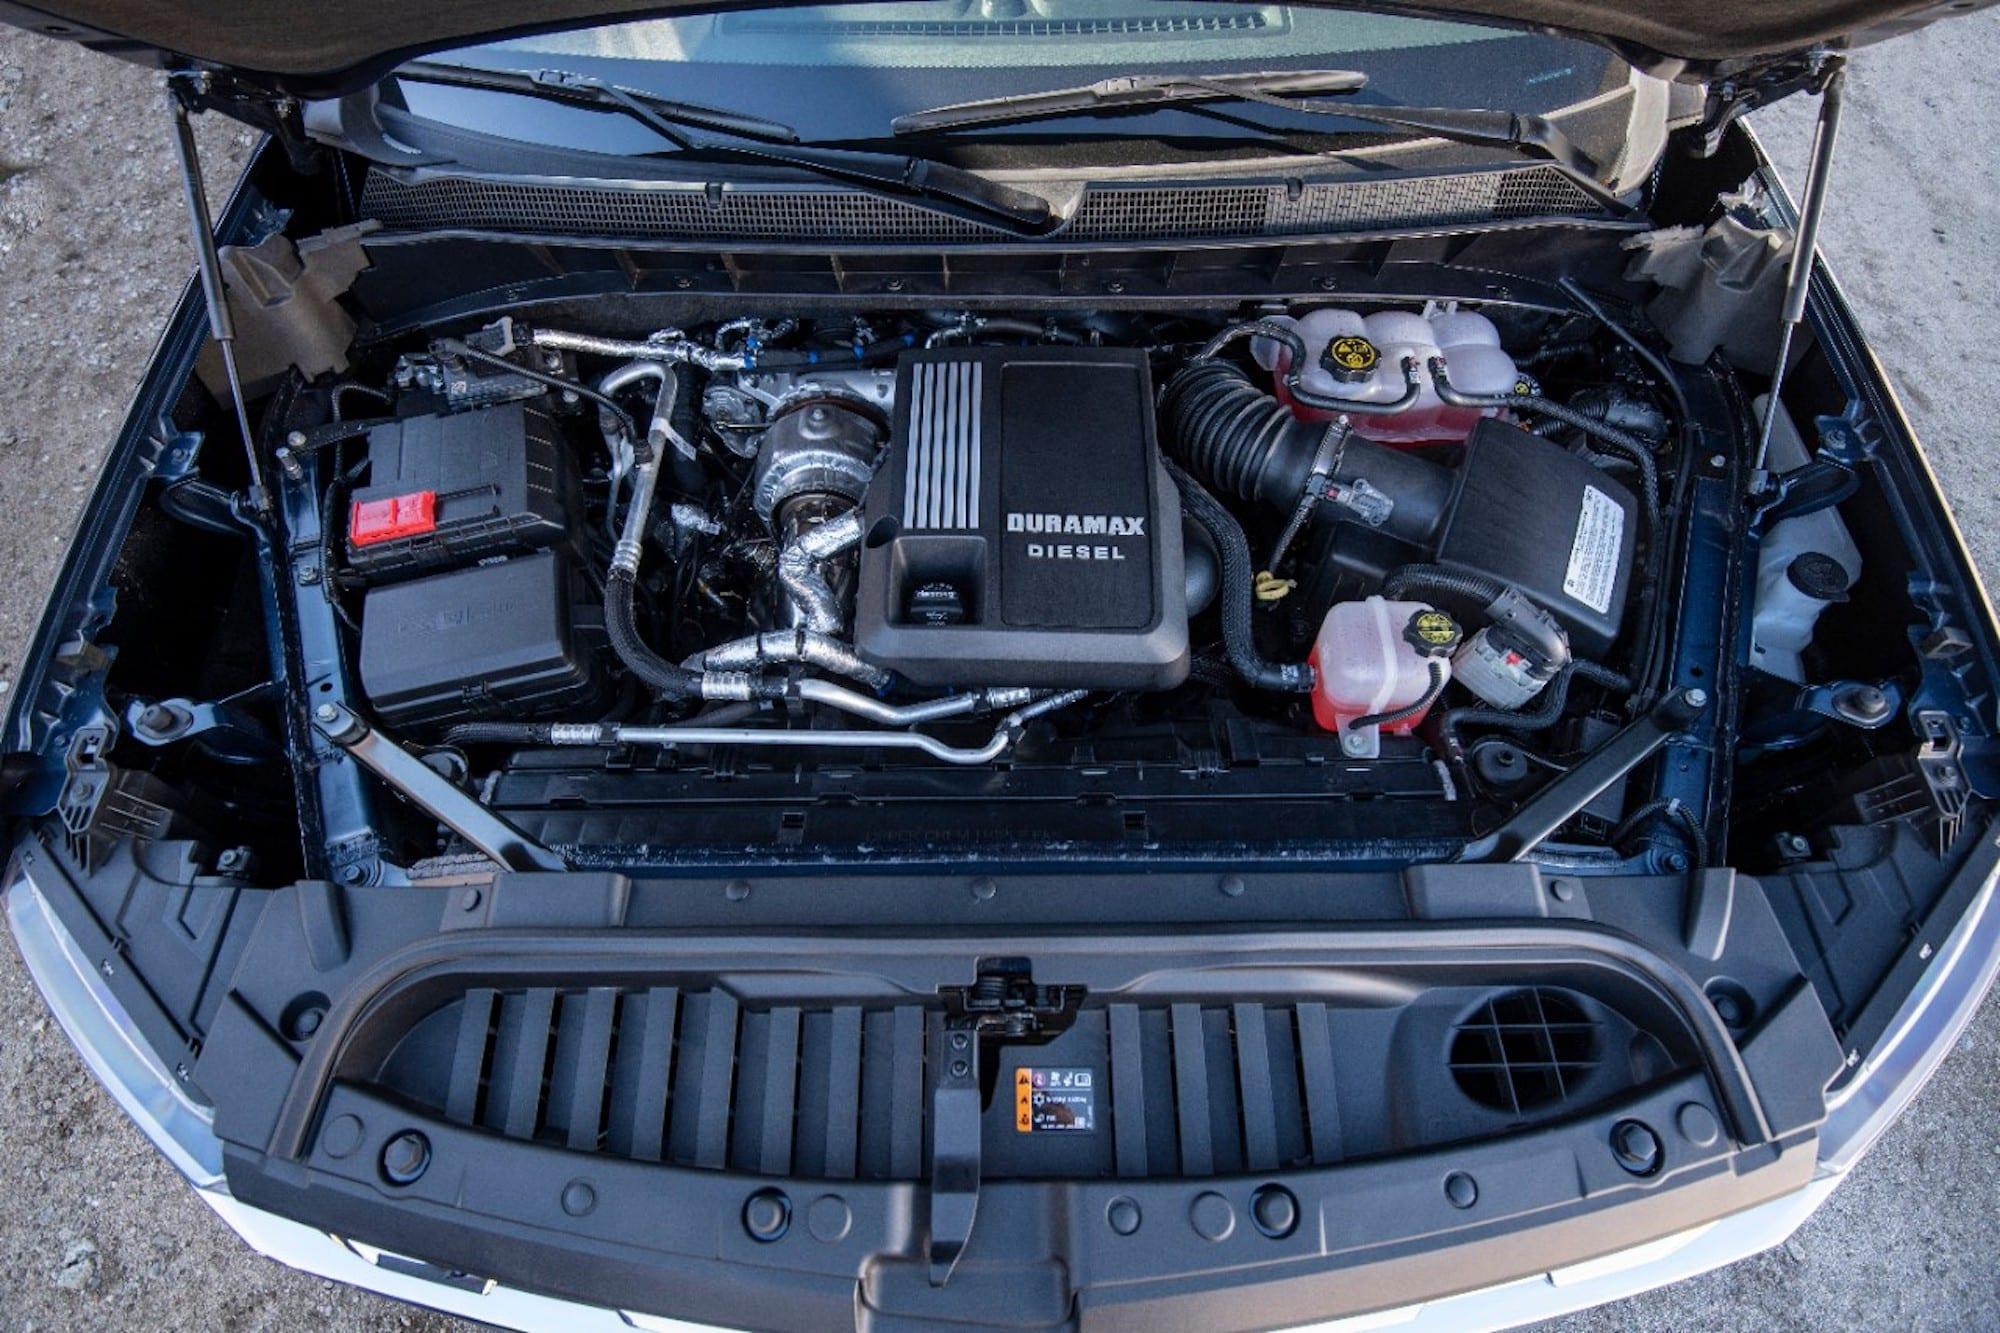 2020 Chevrolet Silverado 1500 duramax